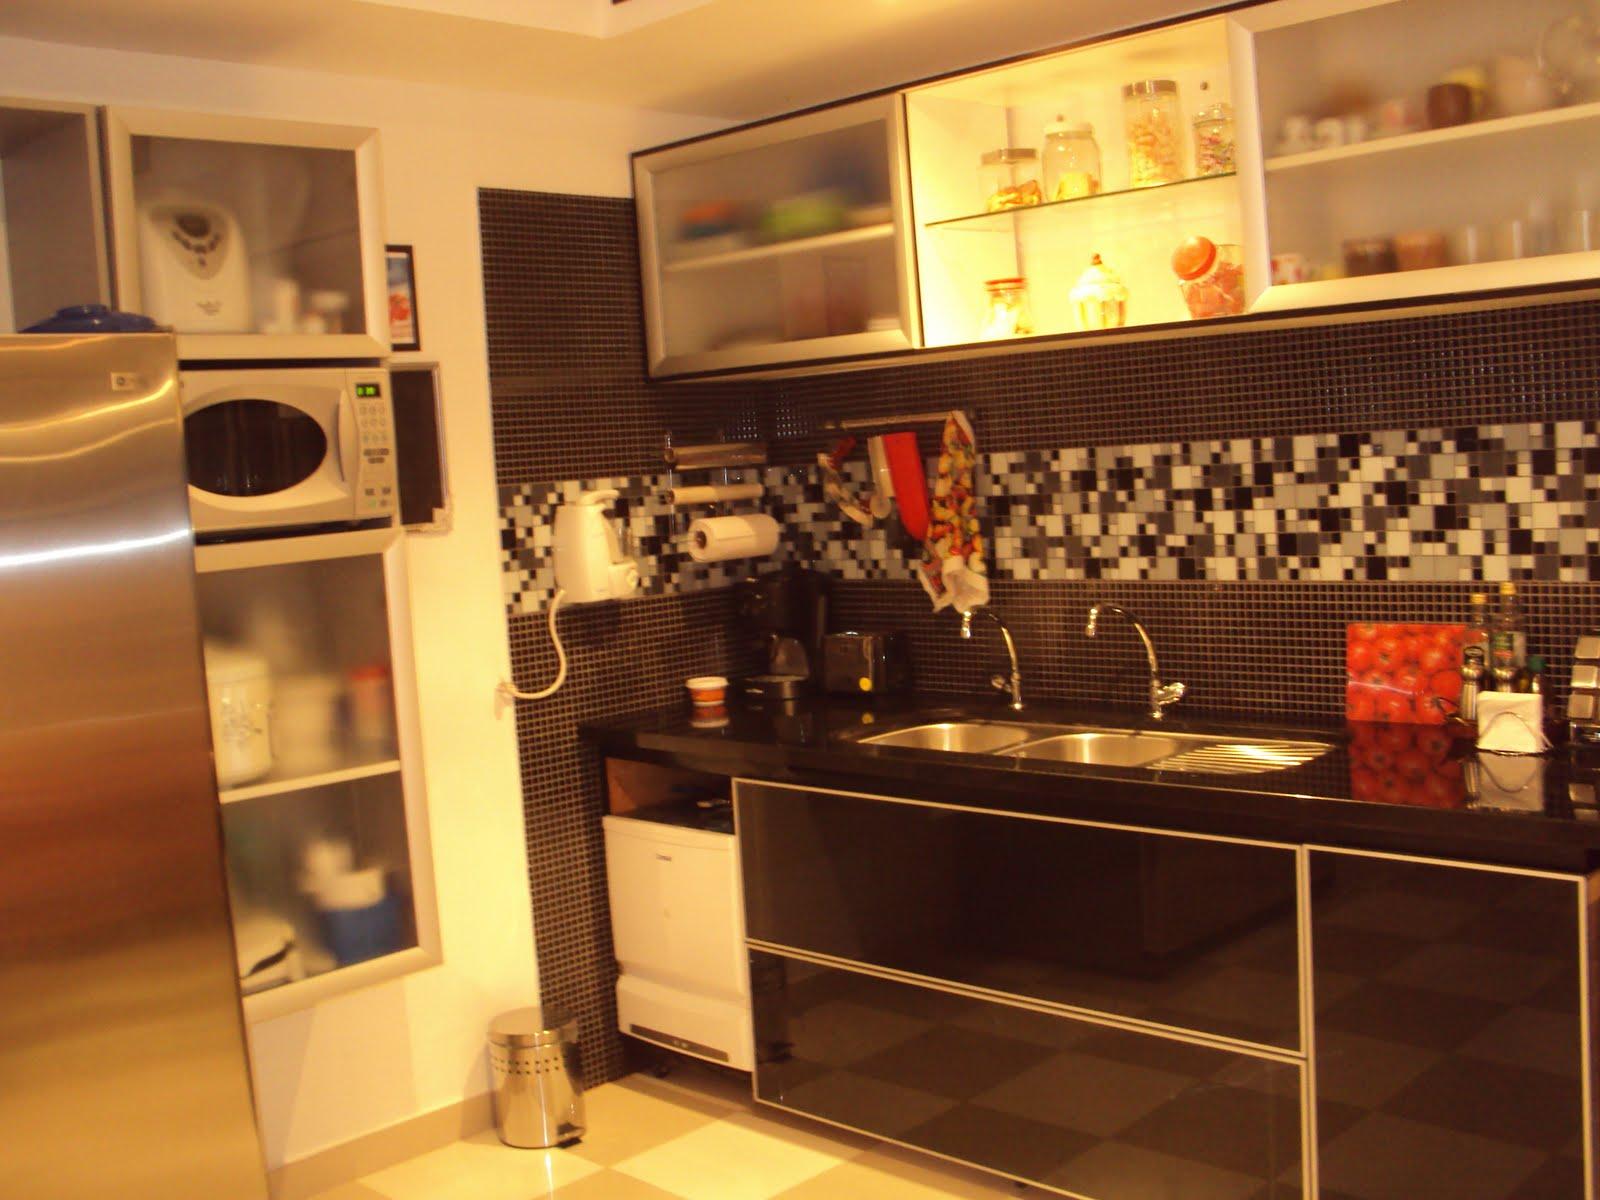 reforma da cozinha se fosse na minha casa #BD800E 1600 1200